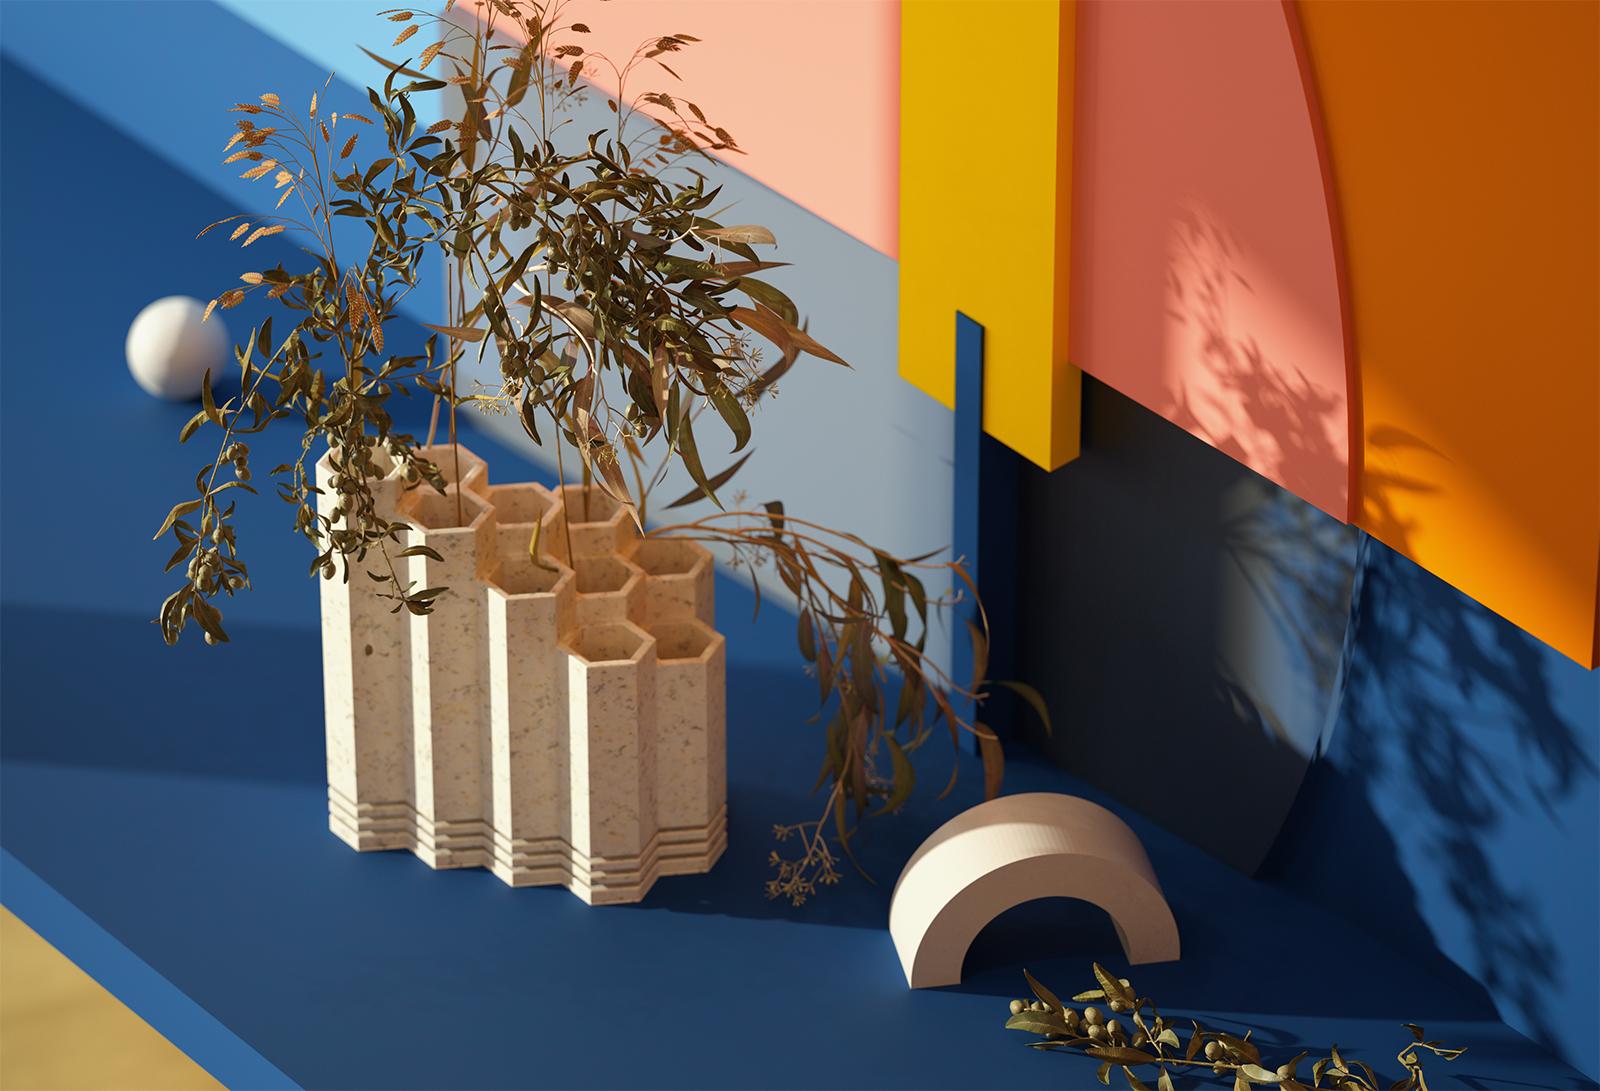 Comb-vase showroom